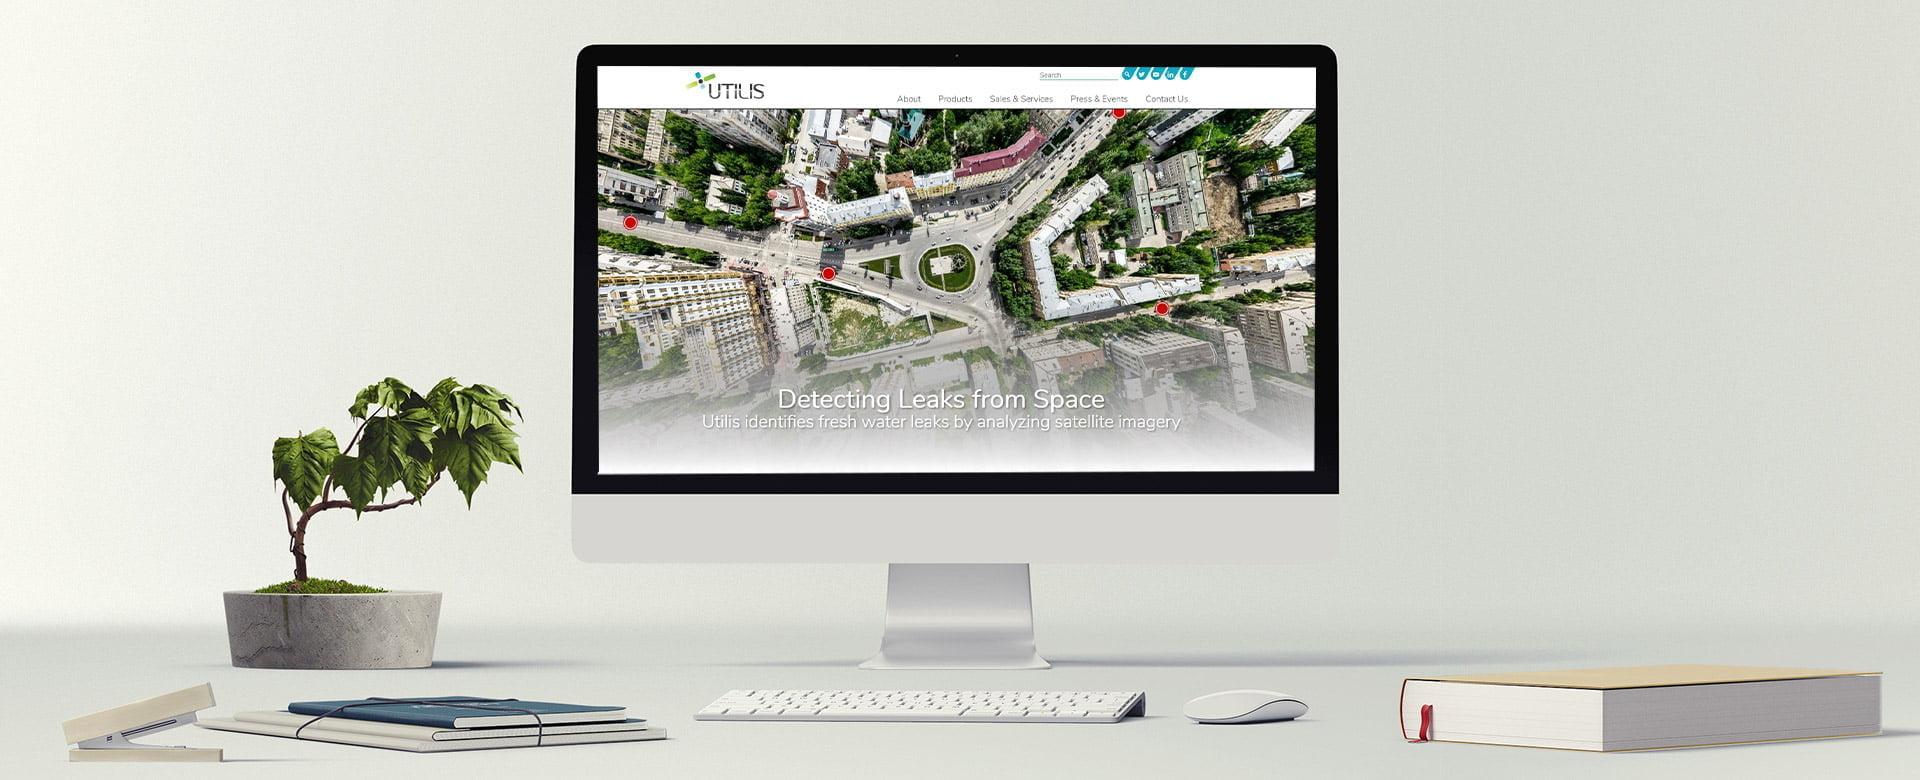 Utilis website